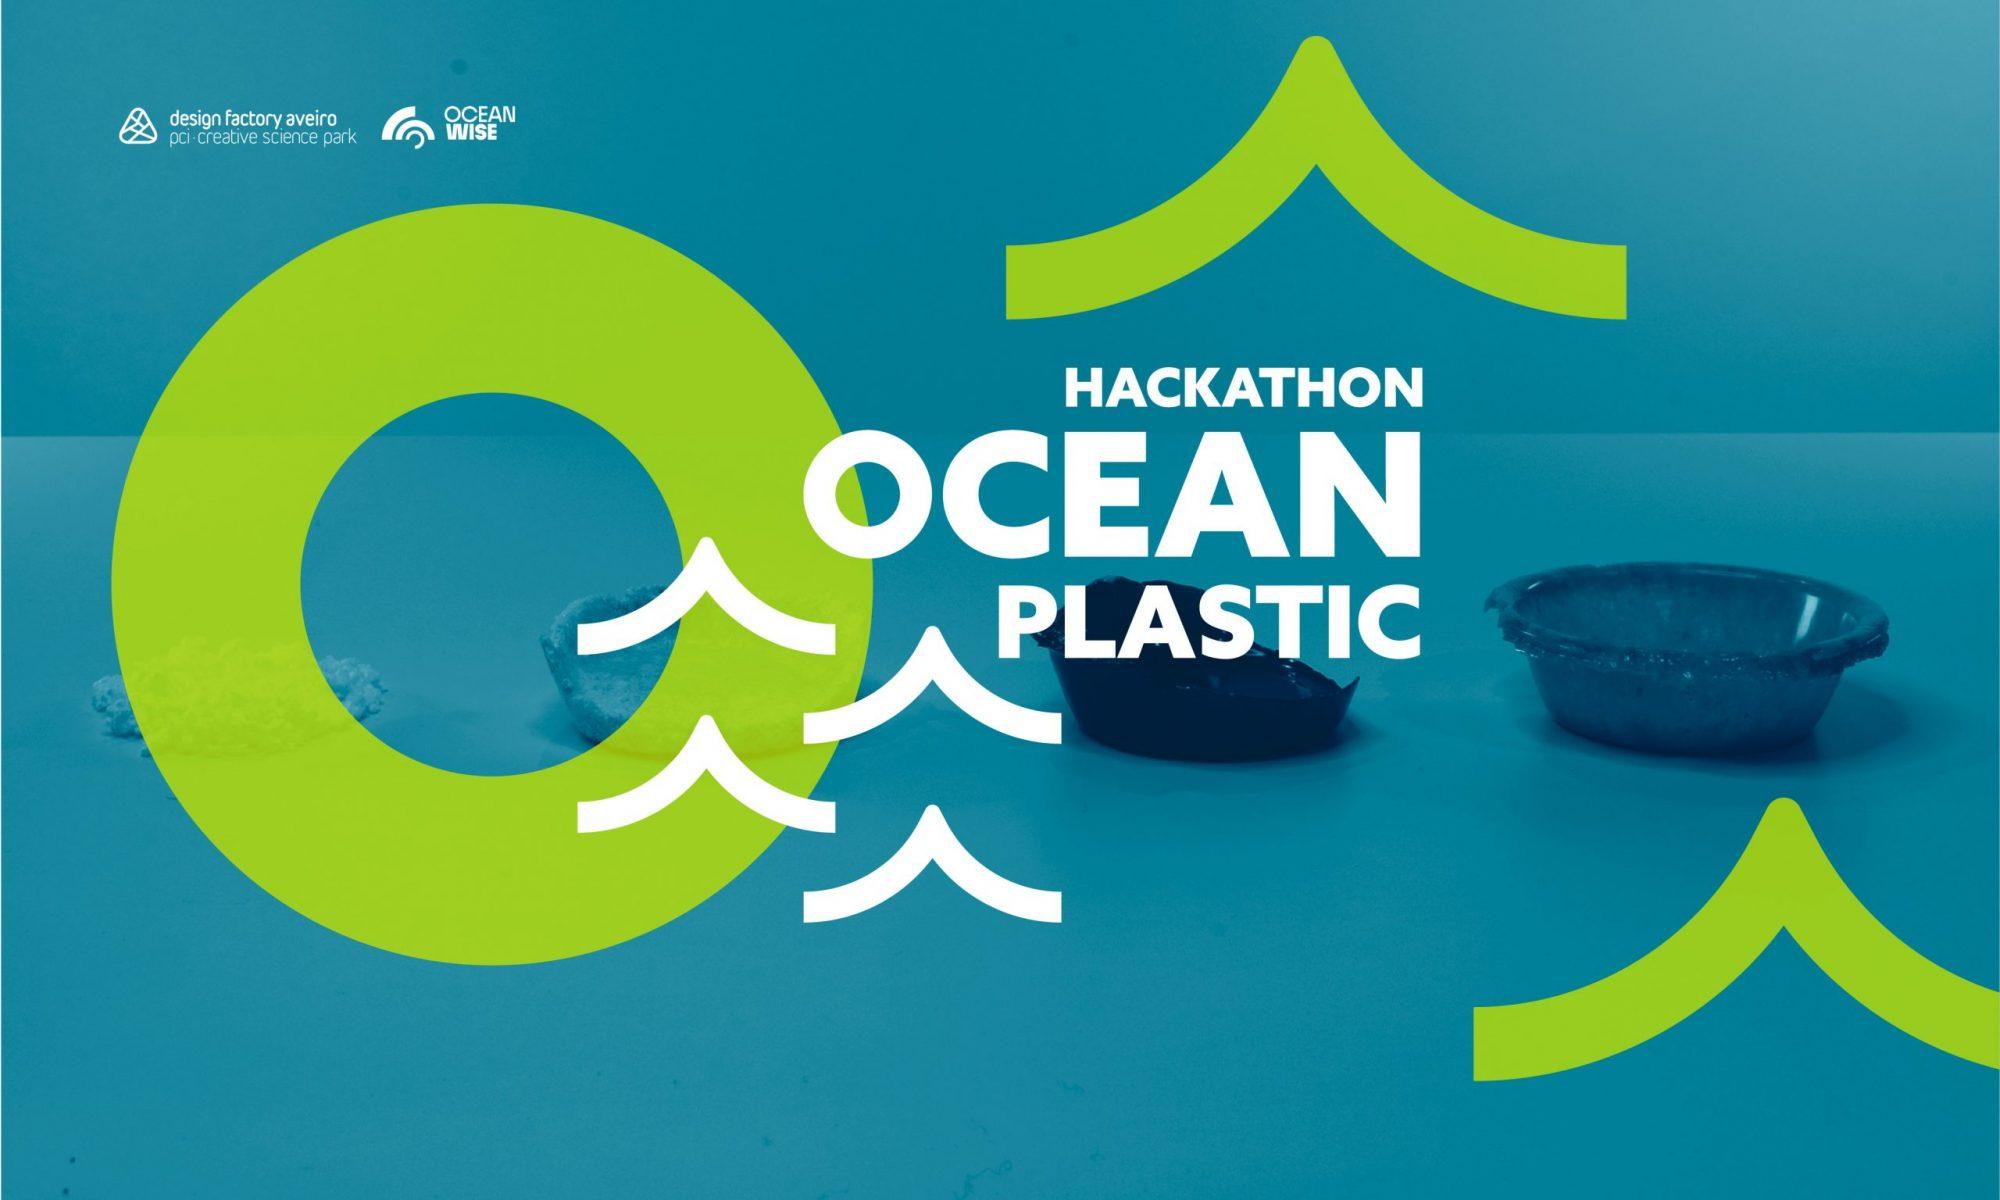 Ocean plastic hackathons